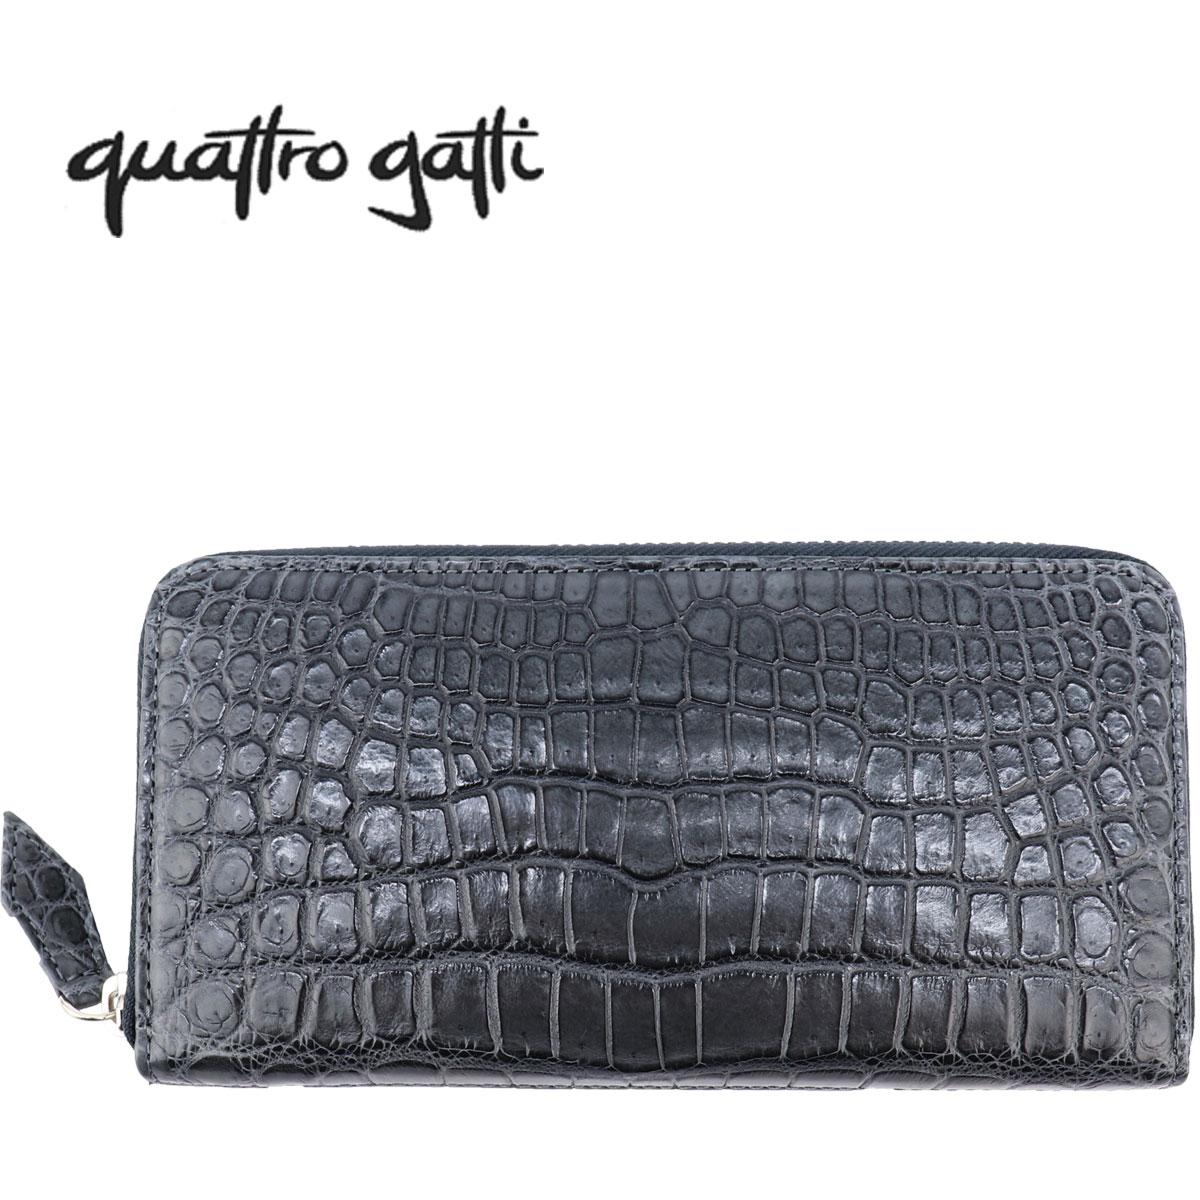 QUATTRO GATTI クアトロガッティ クロコダイル ラウンドジップ 長財布 8137 DARK GREY(ダークグレー)